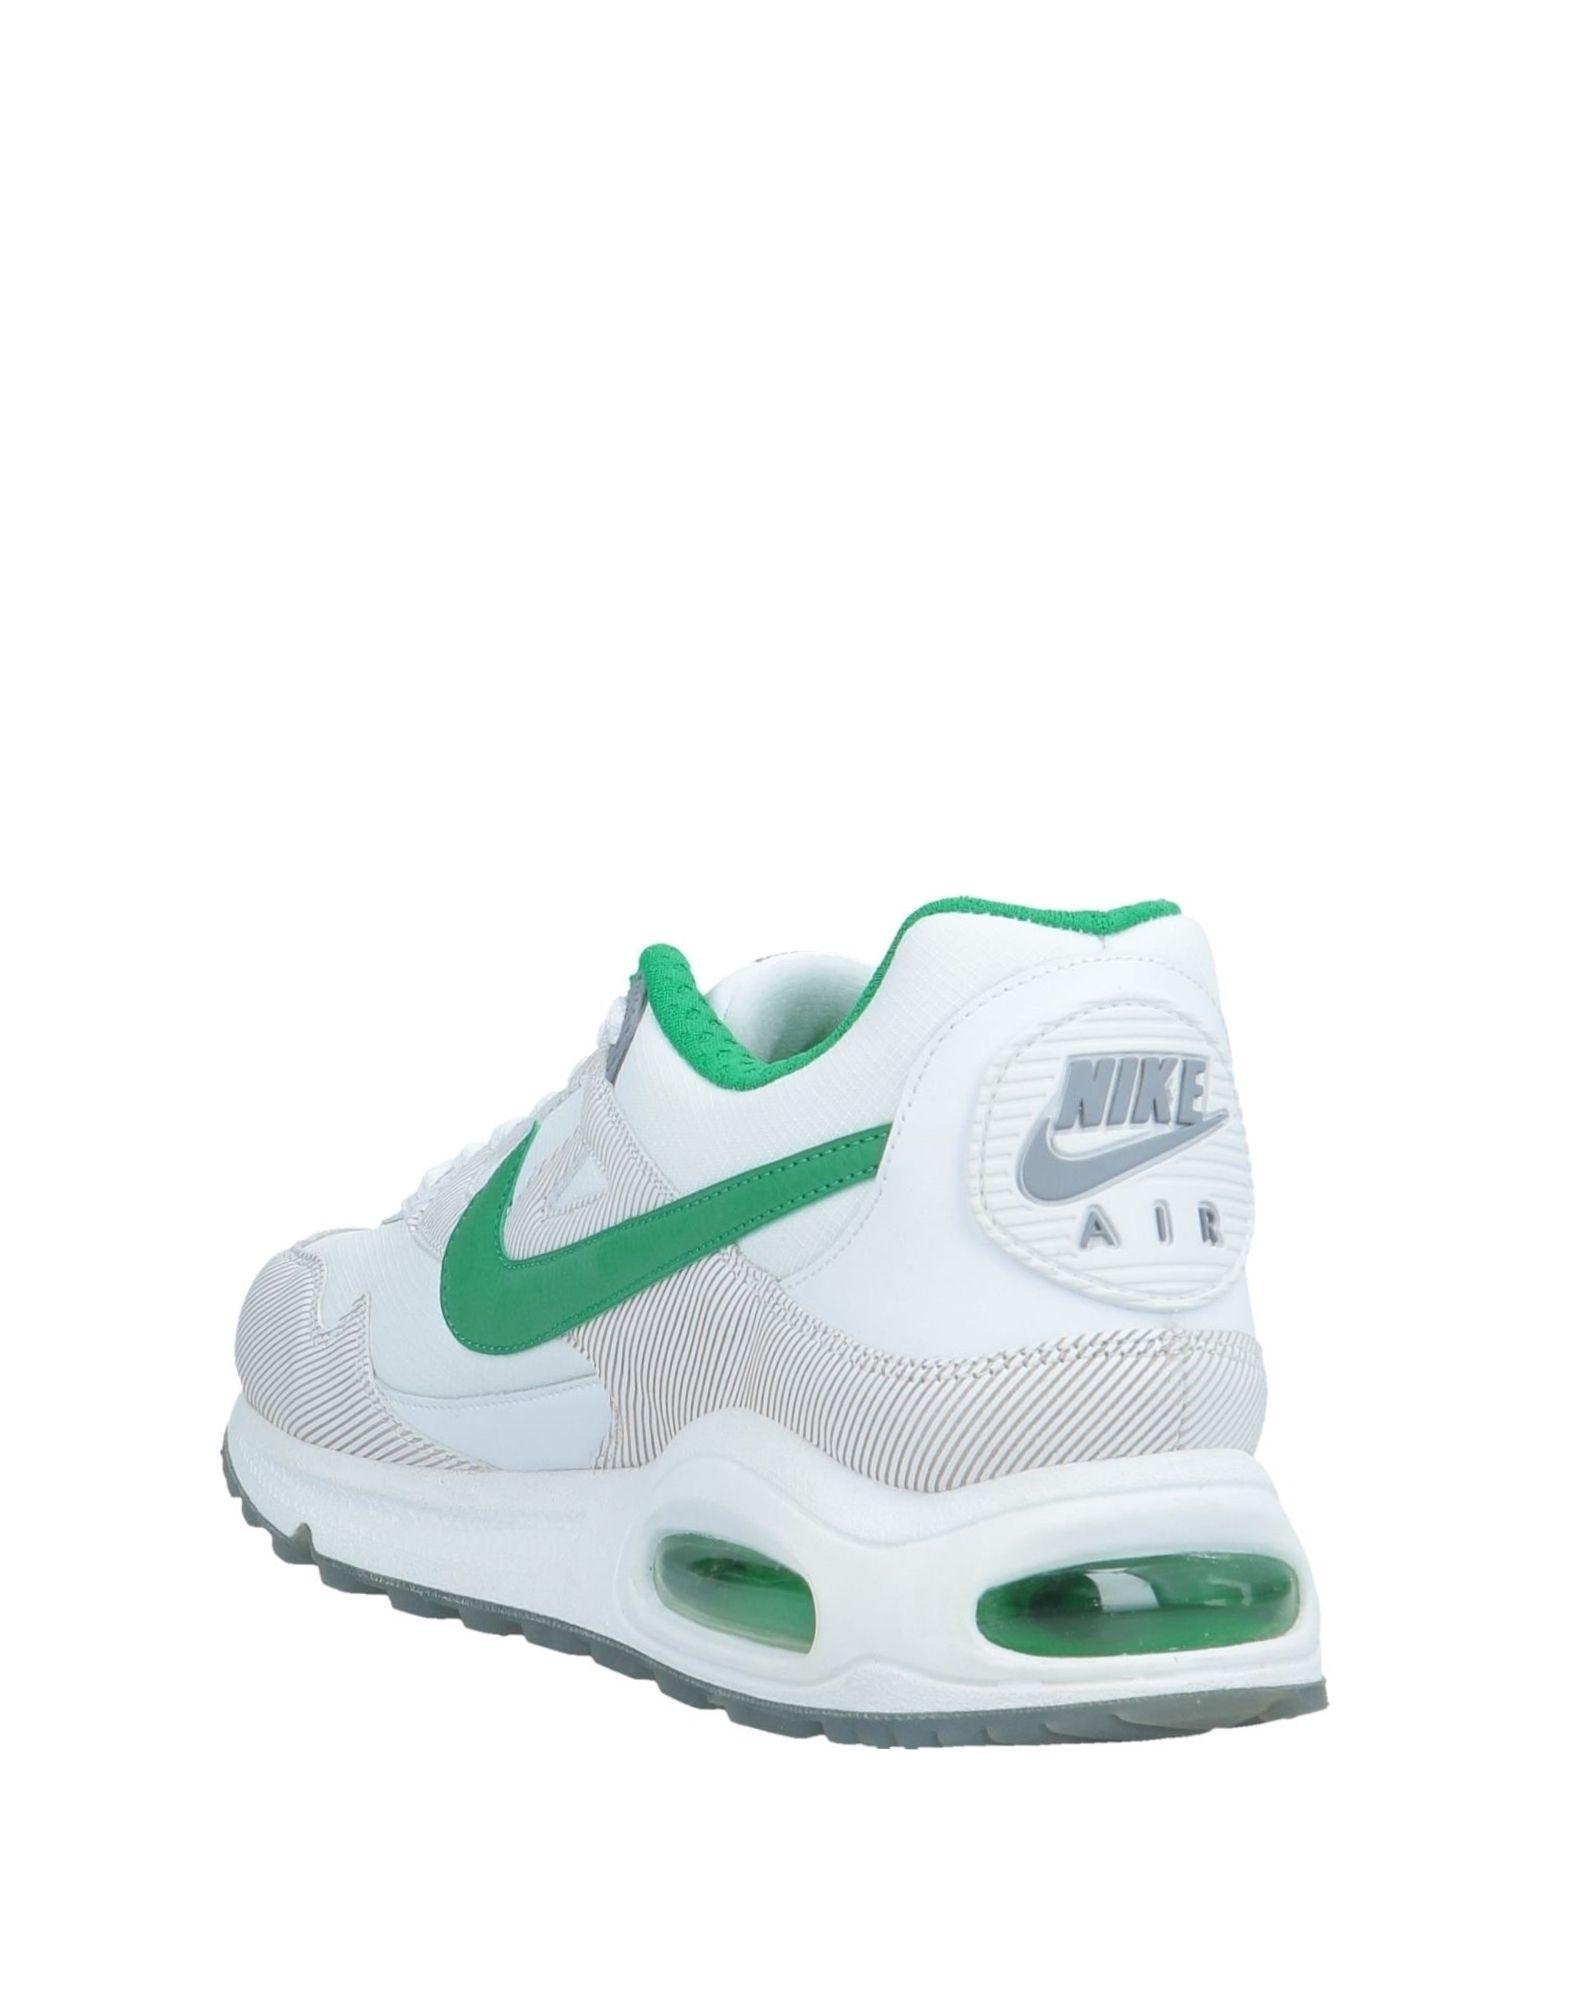 Nike Sneakers Sneakers - Men Nike Sneakers Nike online on  United Kingdom - 11573120ND bfaf65